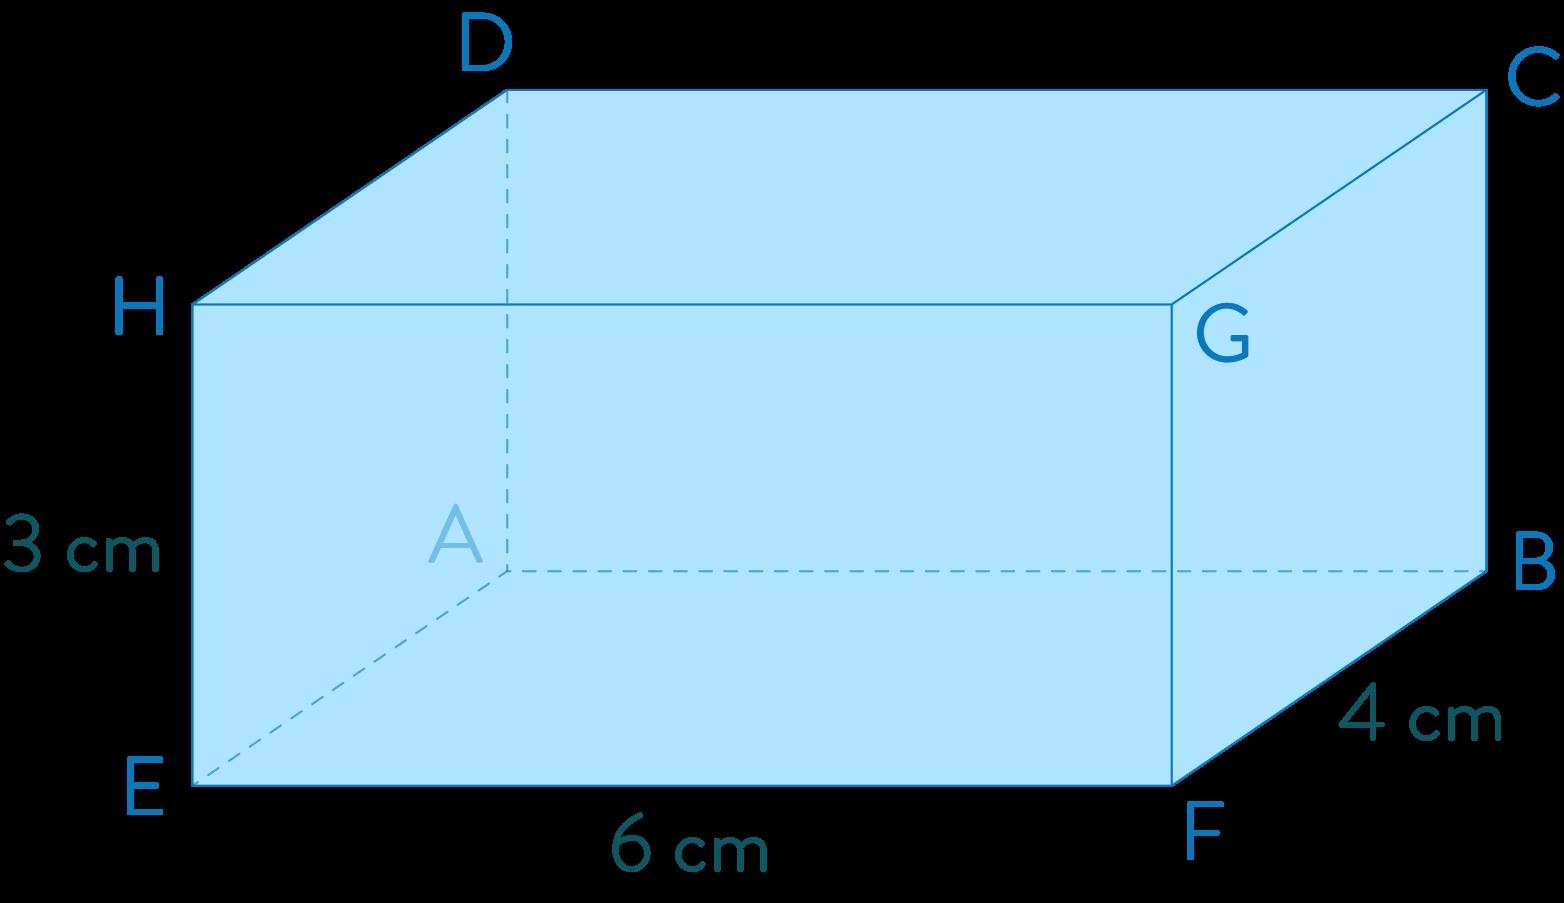 pavé droit mathématiques quatrième